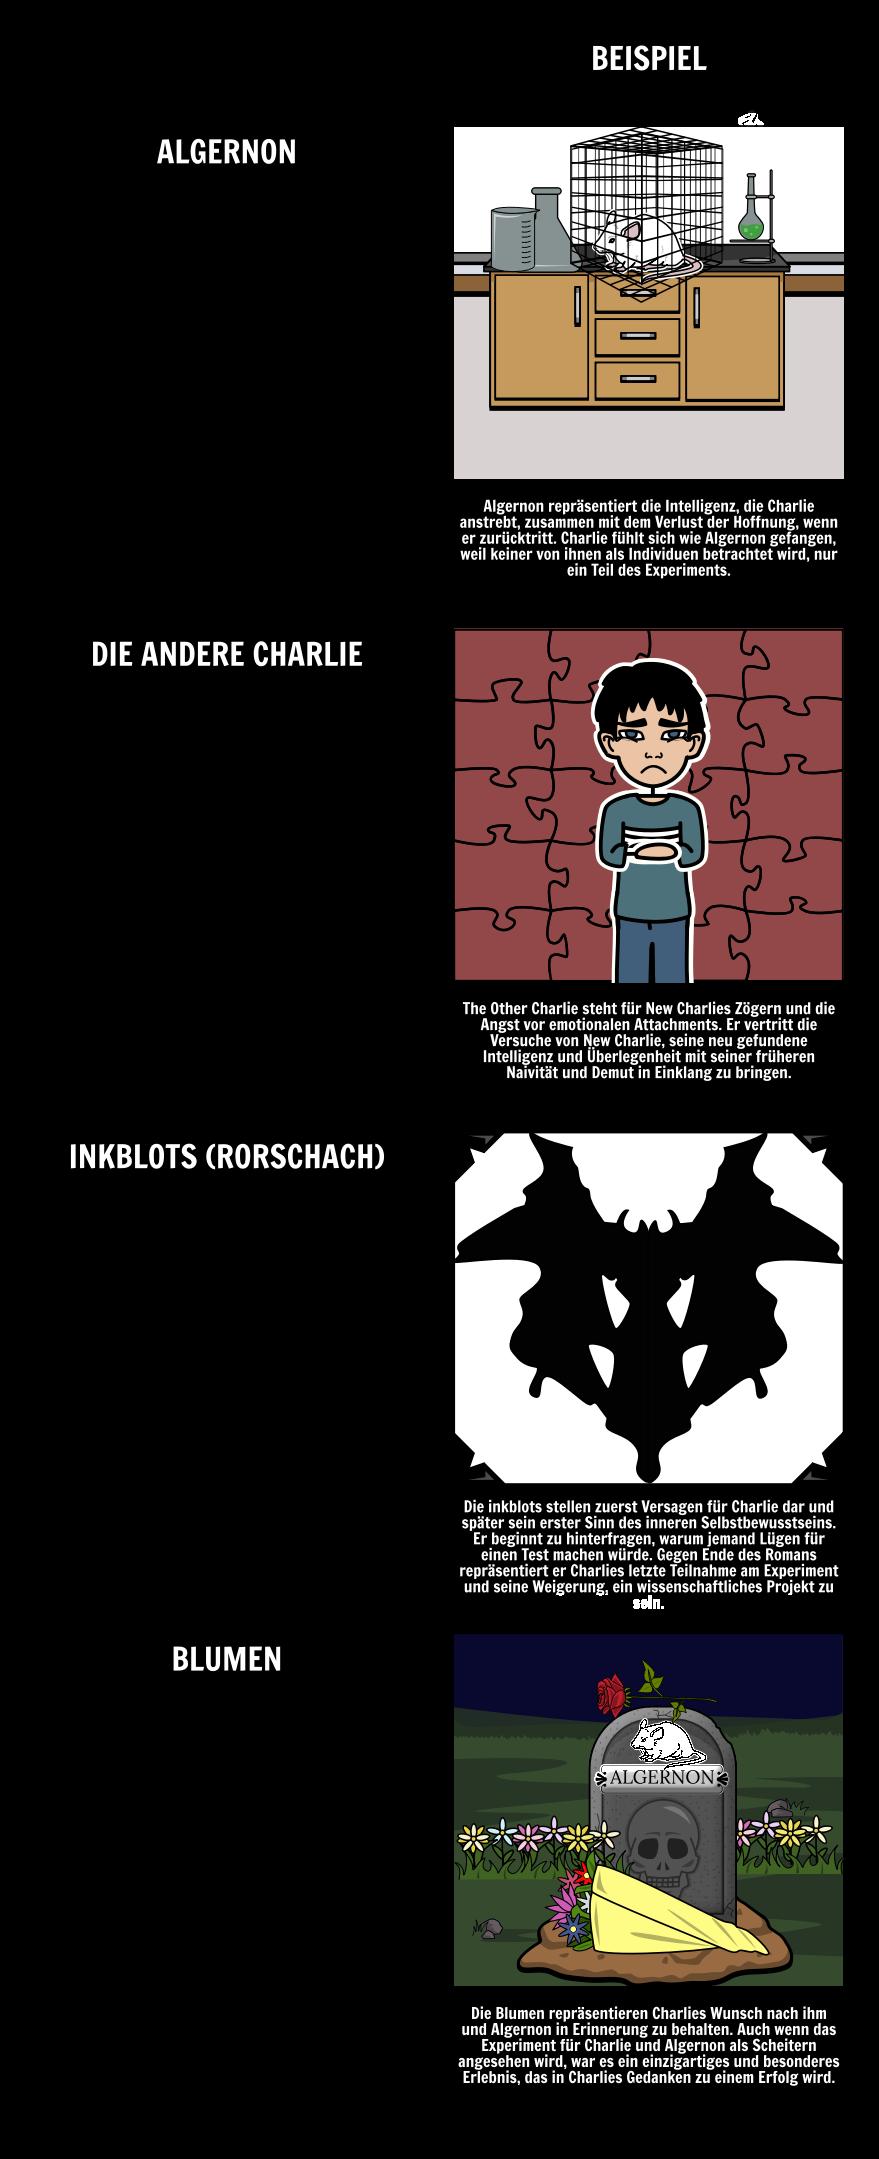 Blumen für Algernon Zusammenfassung und Unterrichtspläne | Daniel ...